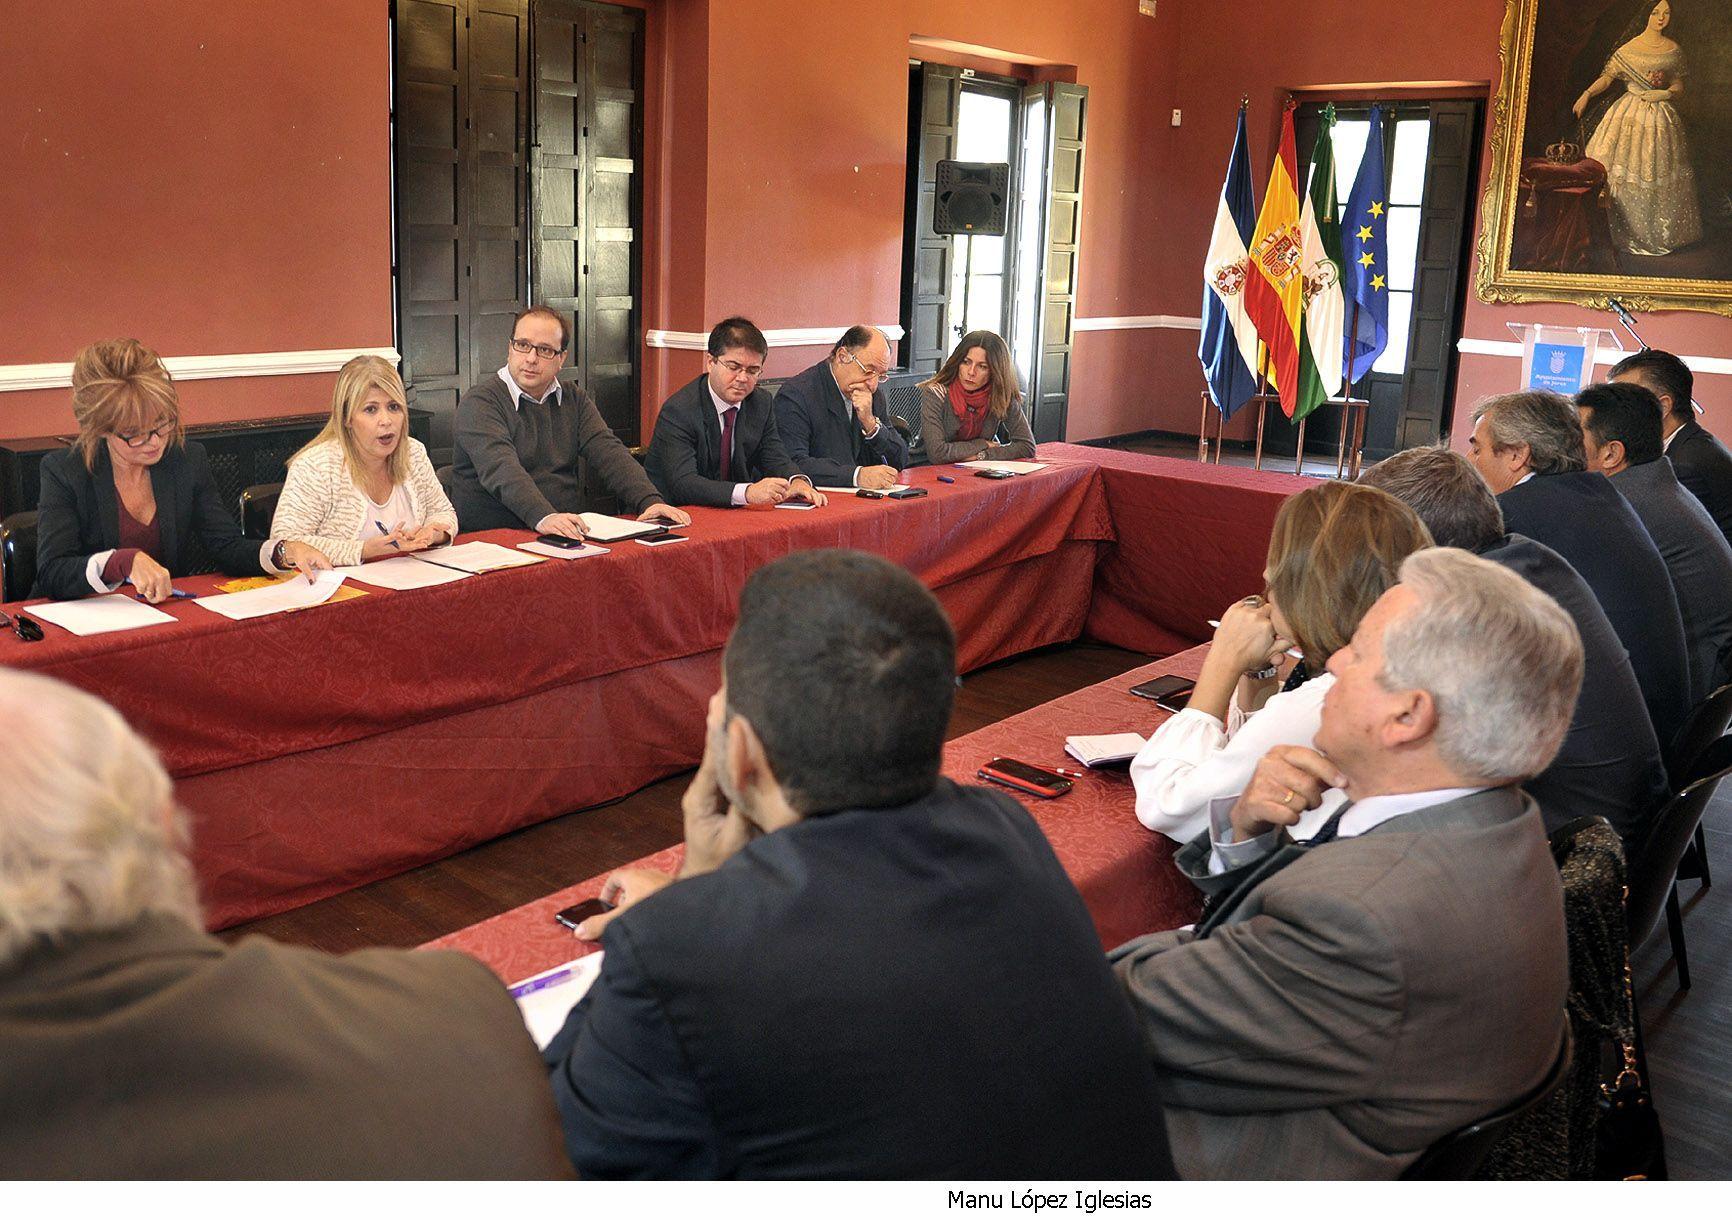 Alcaldesa preside grupo de trabajo _ medios de comunicacion _ Jerez 2020 _ 01